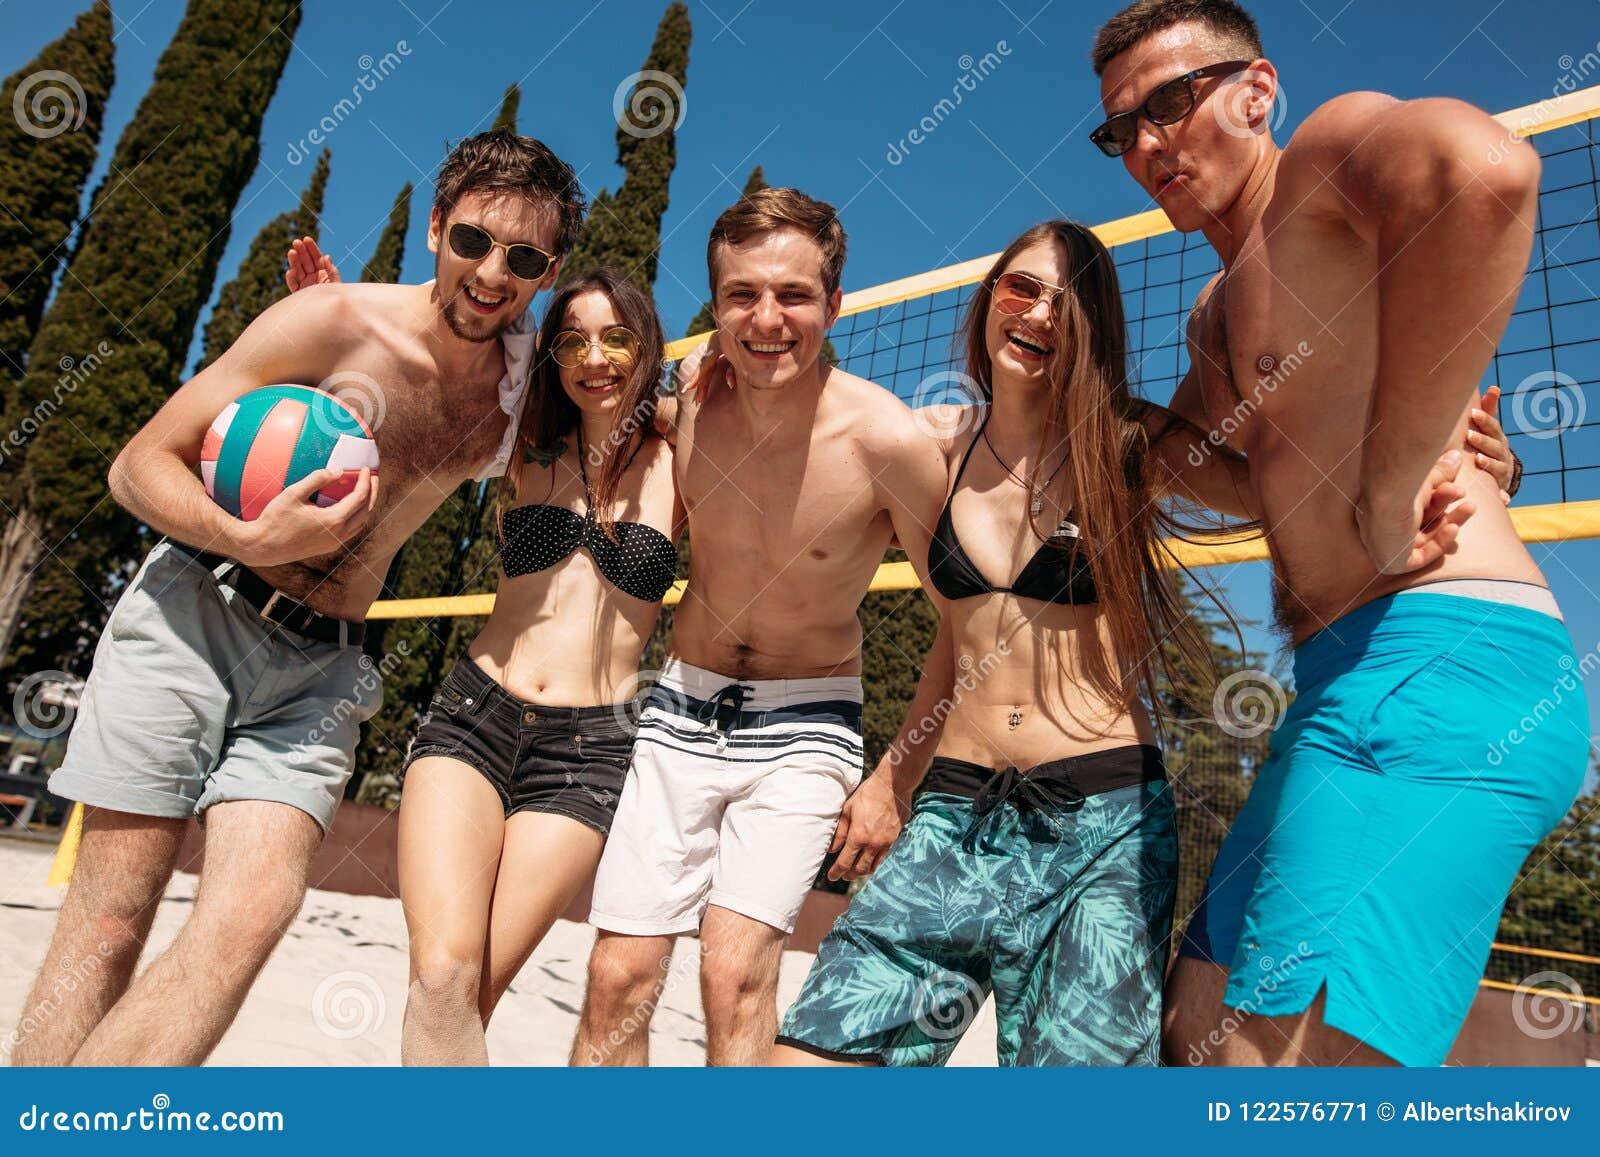 Gruppo di amici che giocano pallavolo della spiaggia - gruppo di persone di Multi-etica divertendosi sulla spiaggia